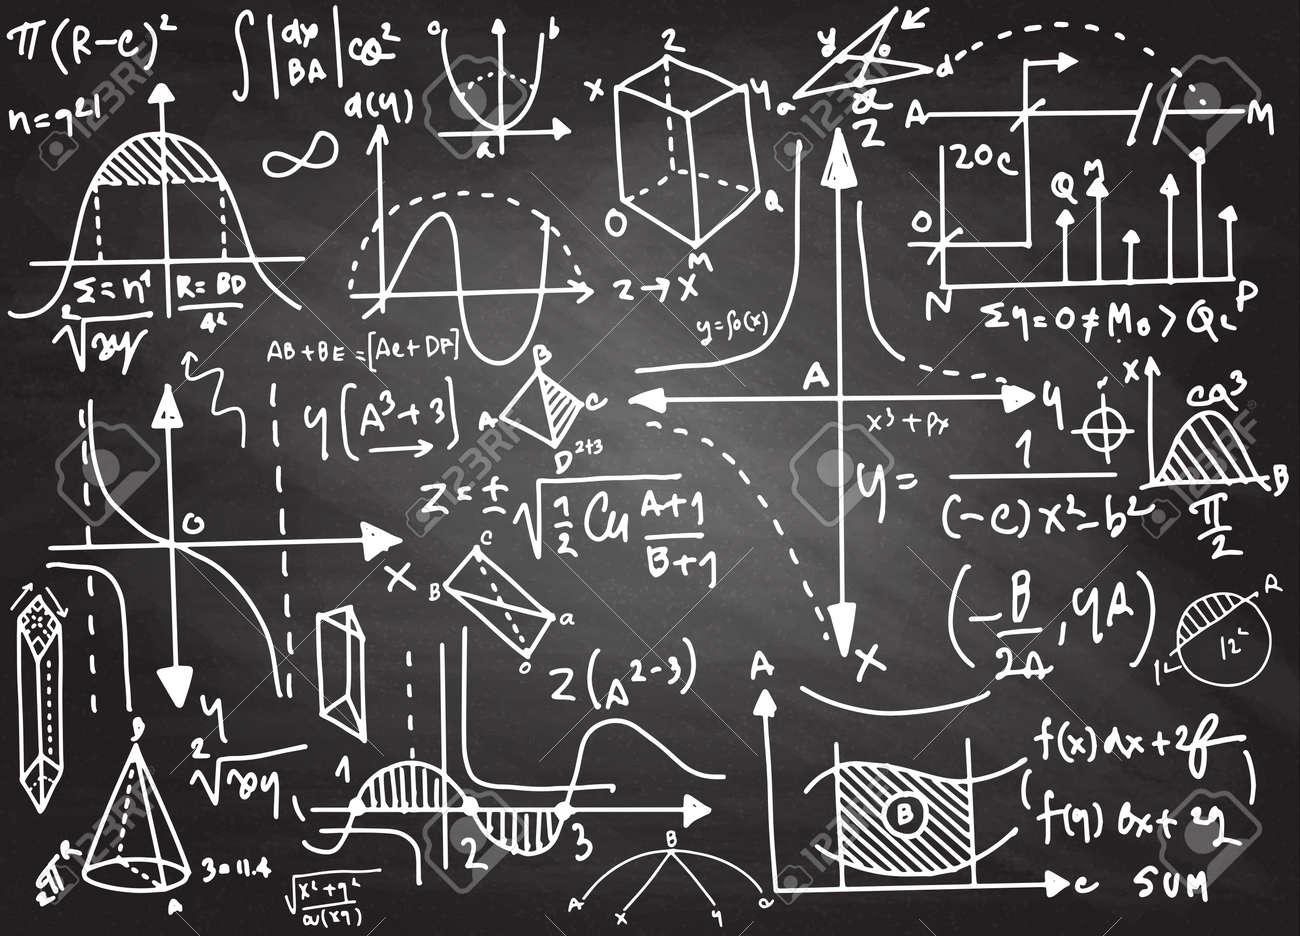 Recherche Chargeur lipos et autres 87900688-formules-physiques-et-ph%C3%A9nom%C3%A8ne-illustration-dessin%C3%A9e-%C3%A0-la-main-conseil-scientifique-avec-des-maths-l-%C3%A9duca